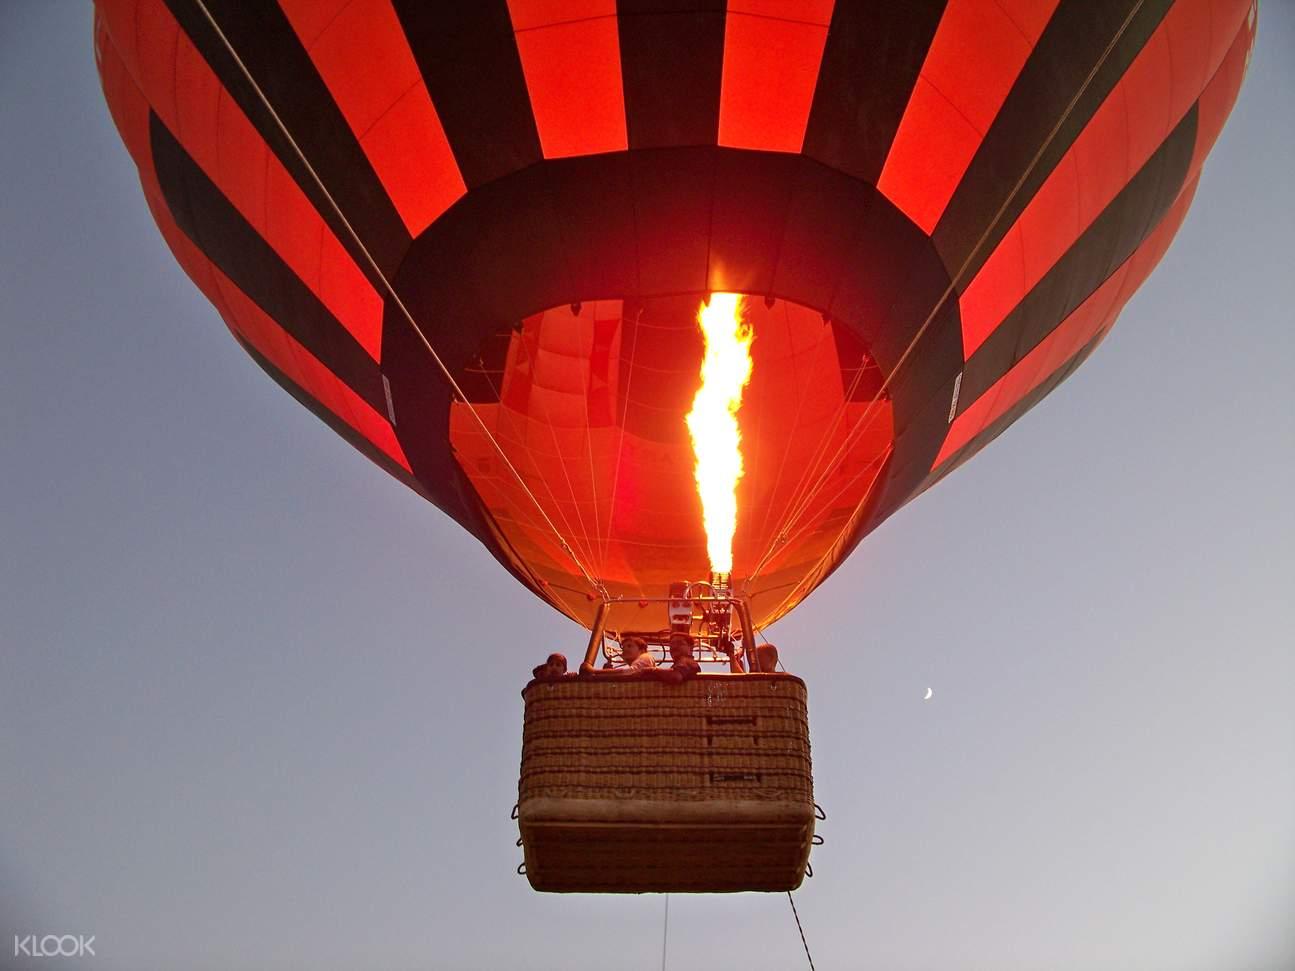 果阿熱氣球,印度熱氣球,果阿日出,果阿熱氣球飛行,果阿熱氣球日出